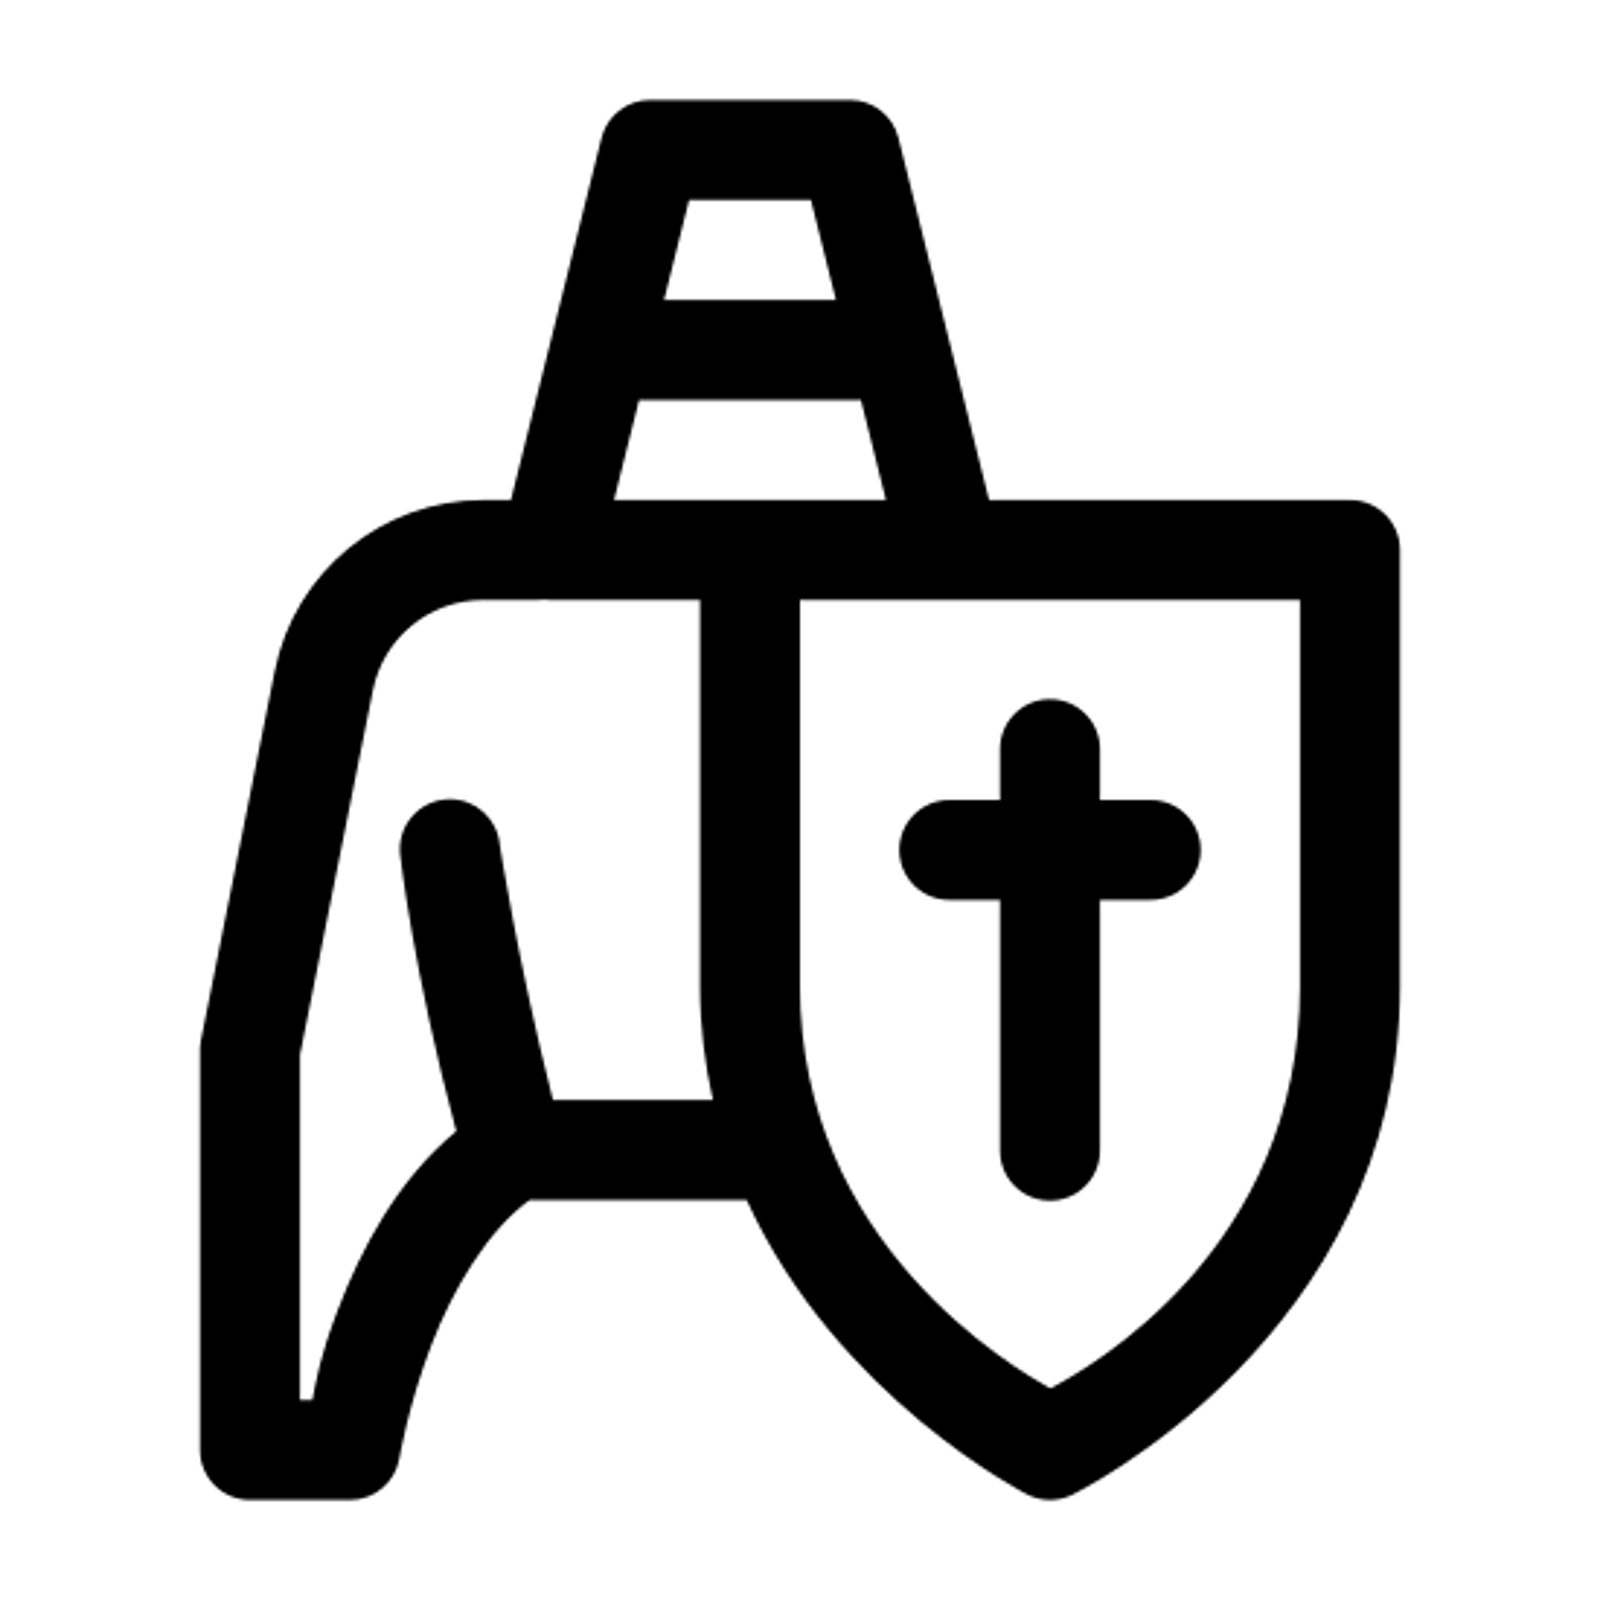 Crusader icon